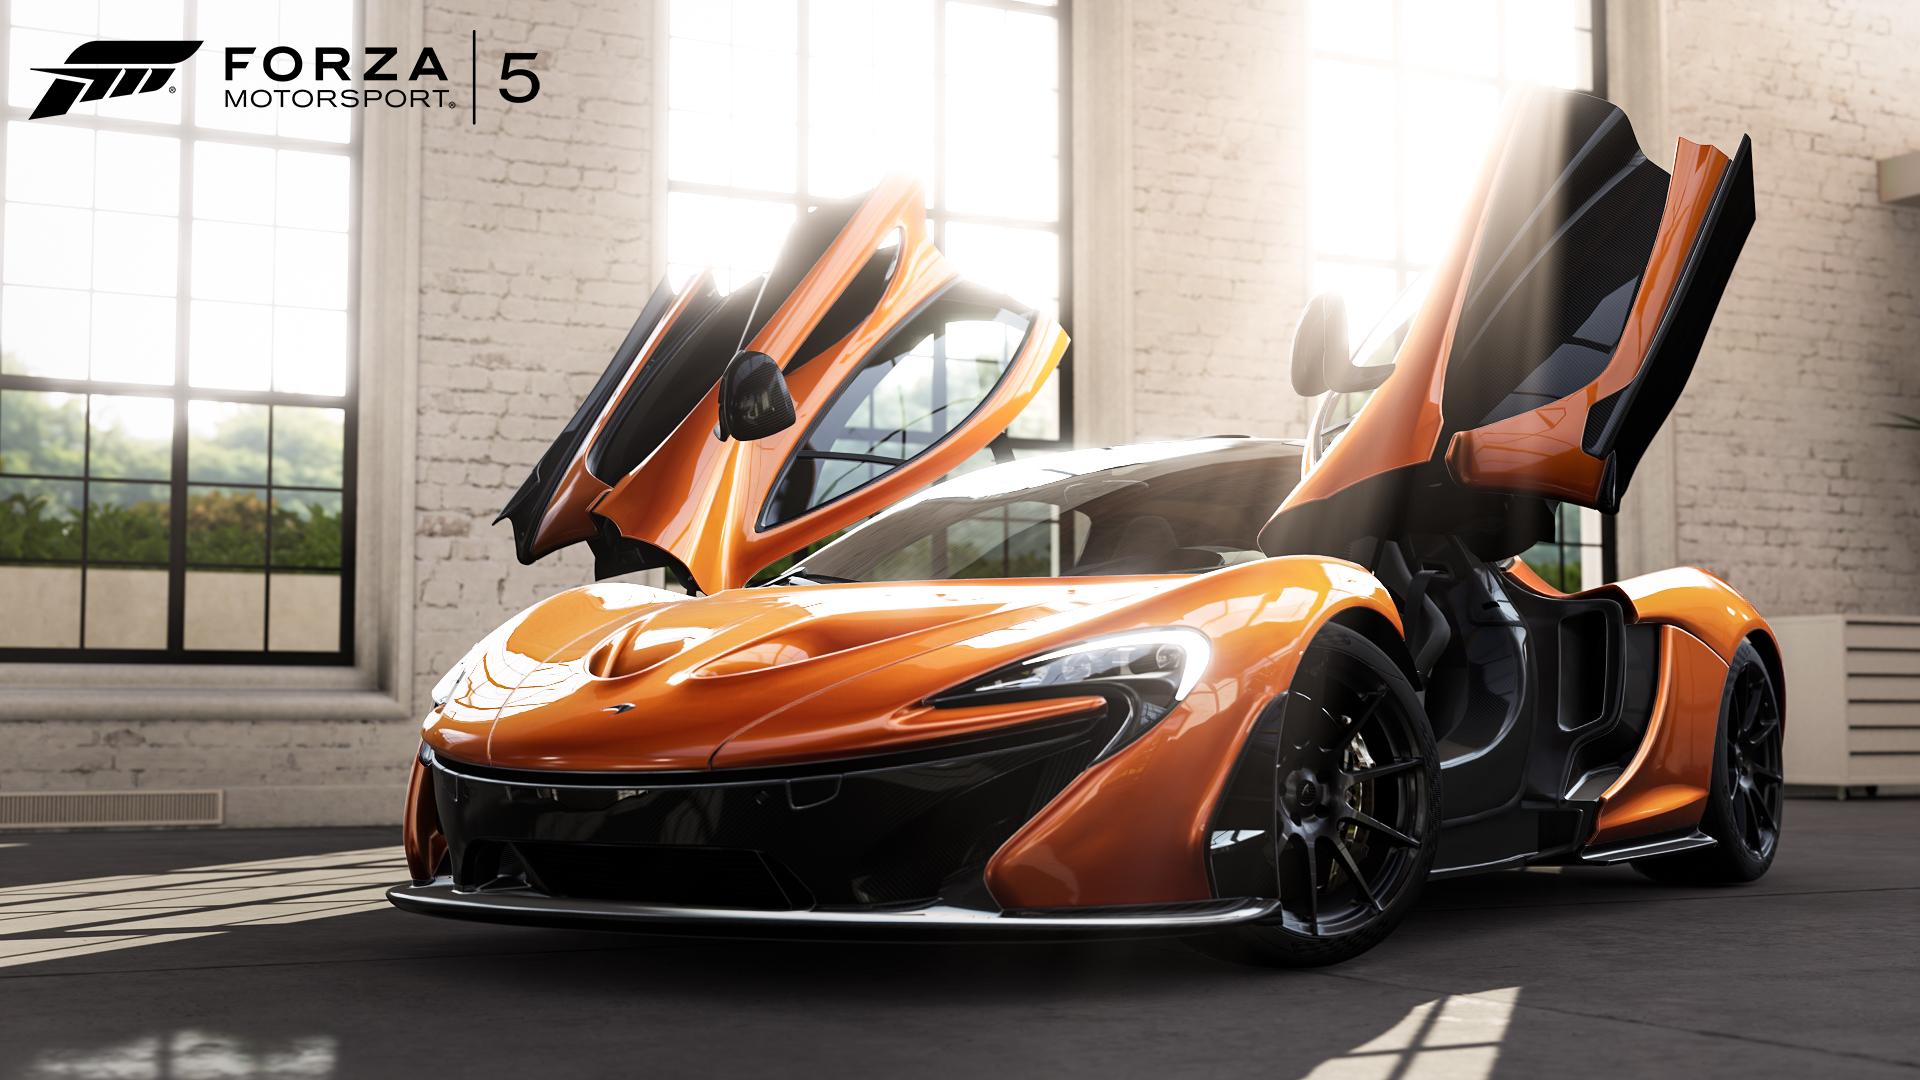 HD Wallpapers Froza 5 McLaren P1